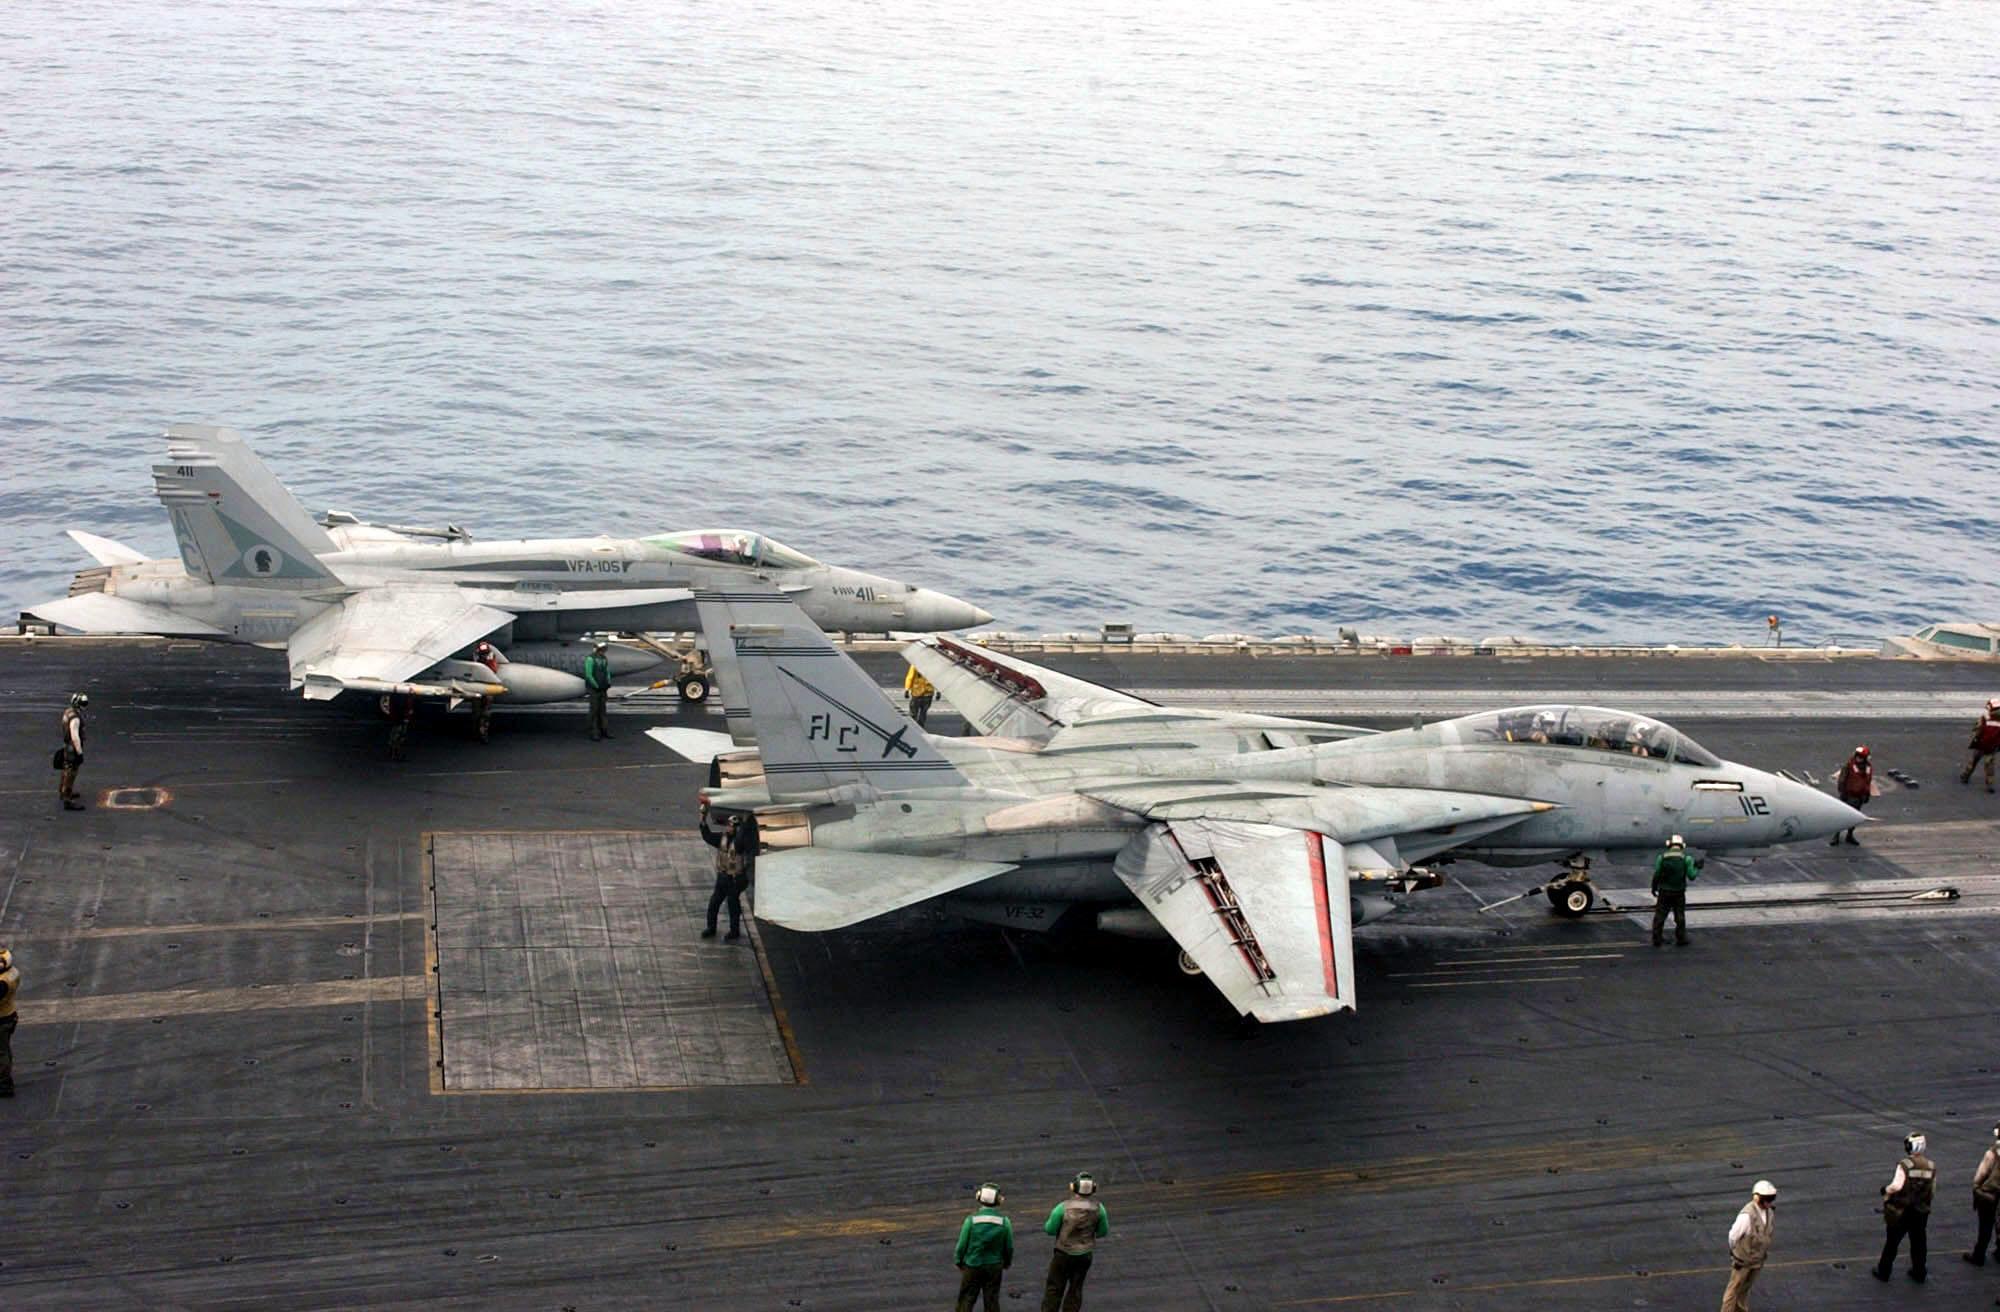 US_Navy_030408-N-7986B-008_An_F-A-18_Hor